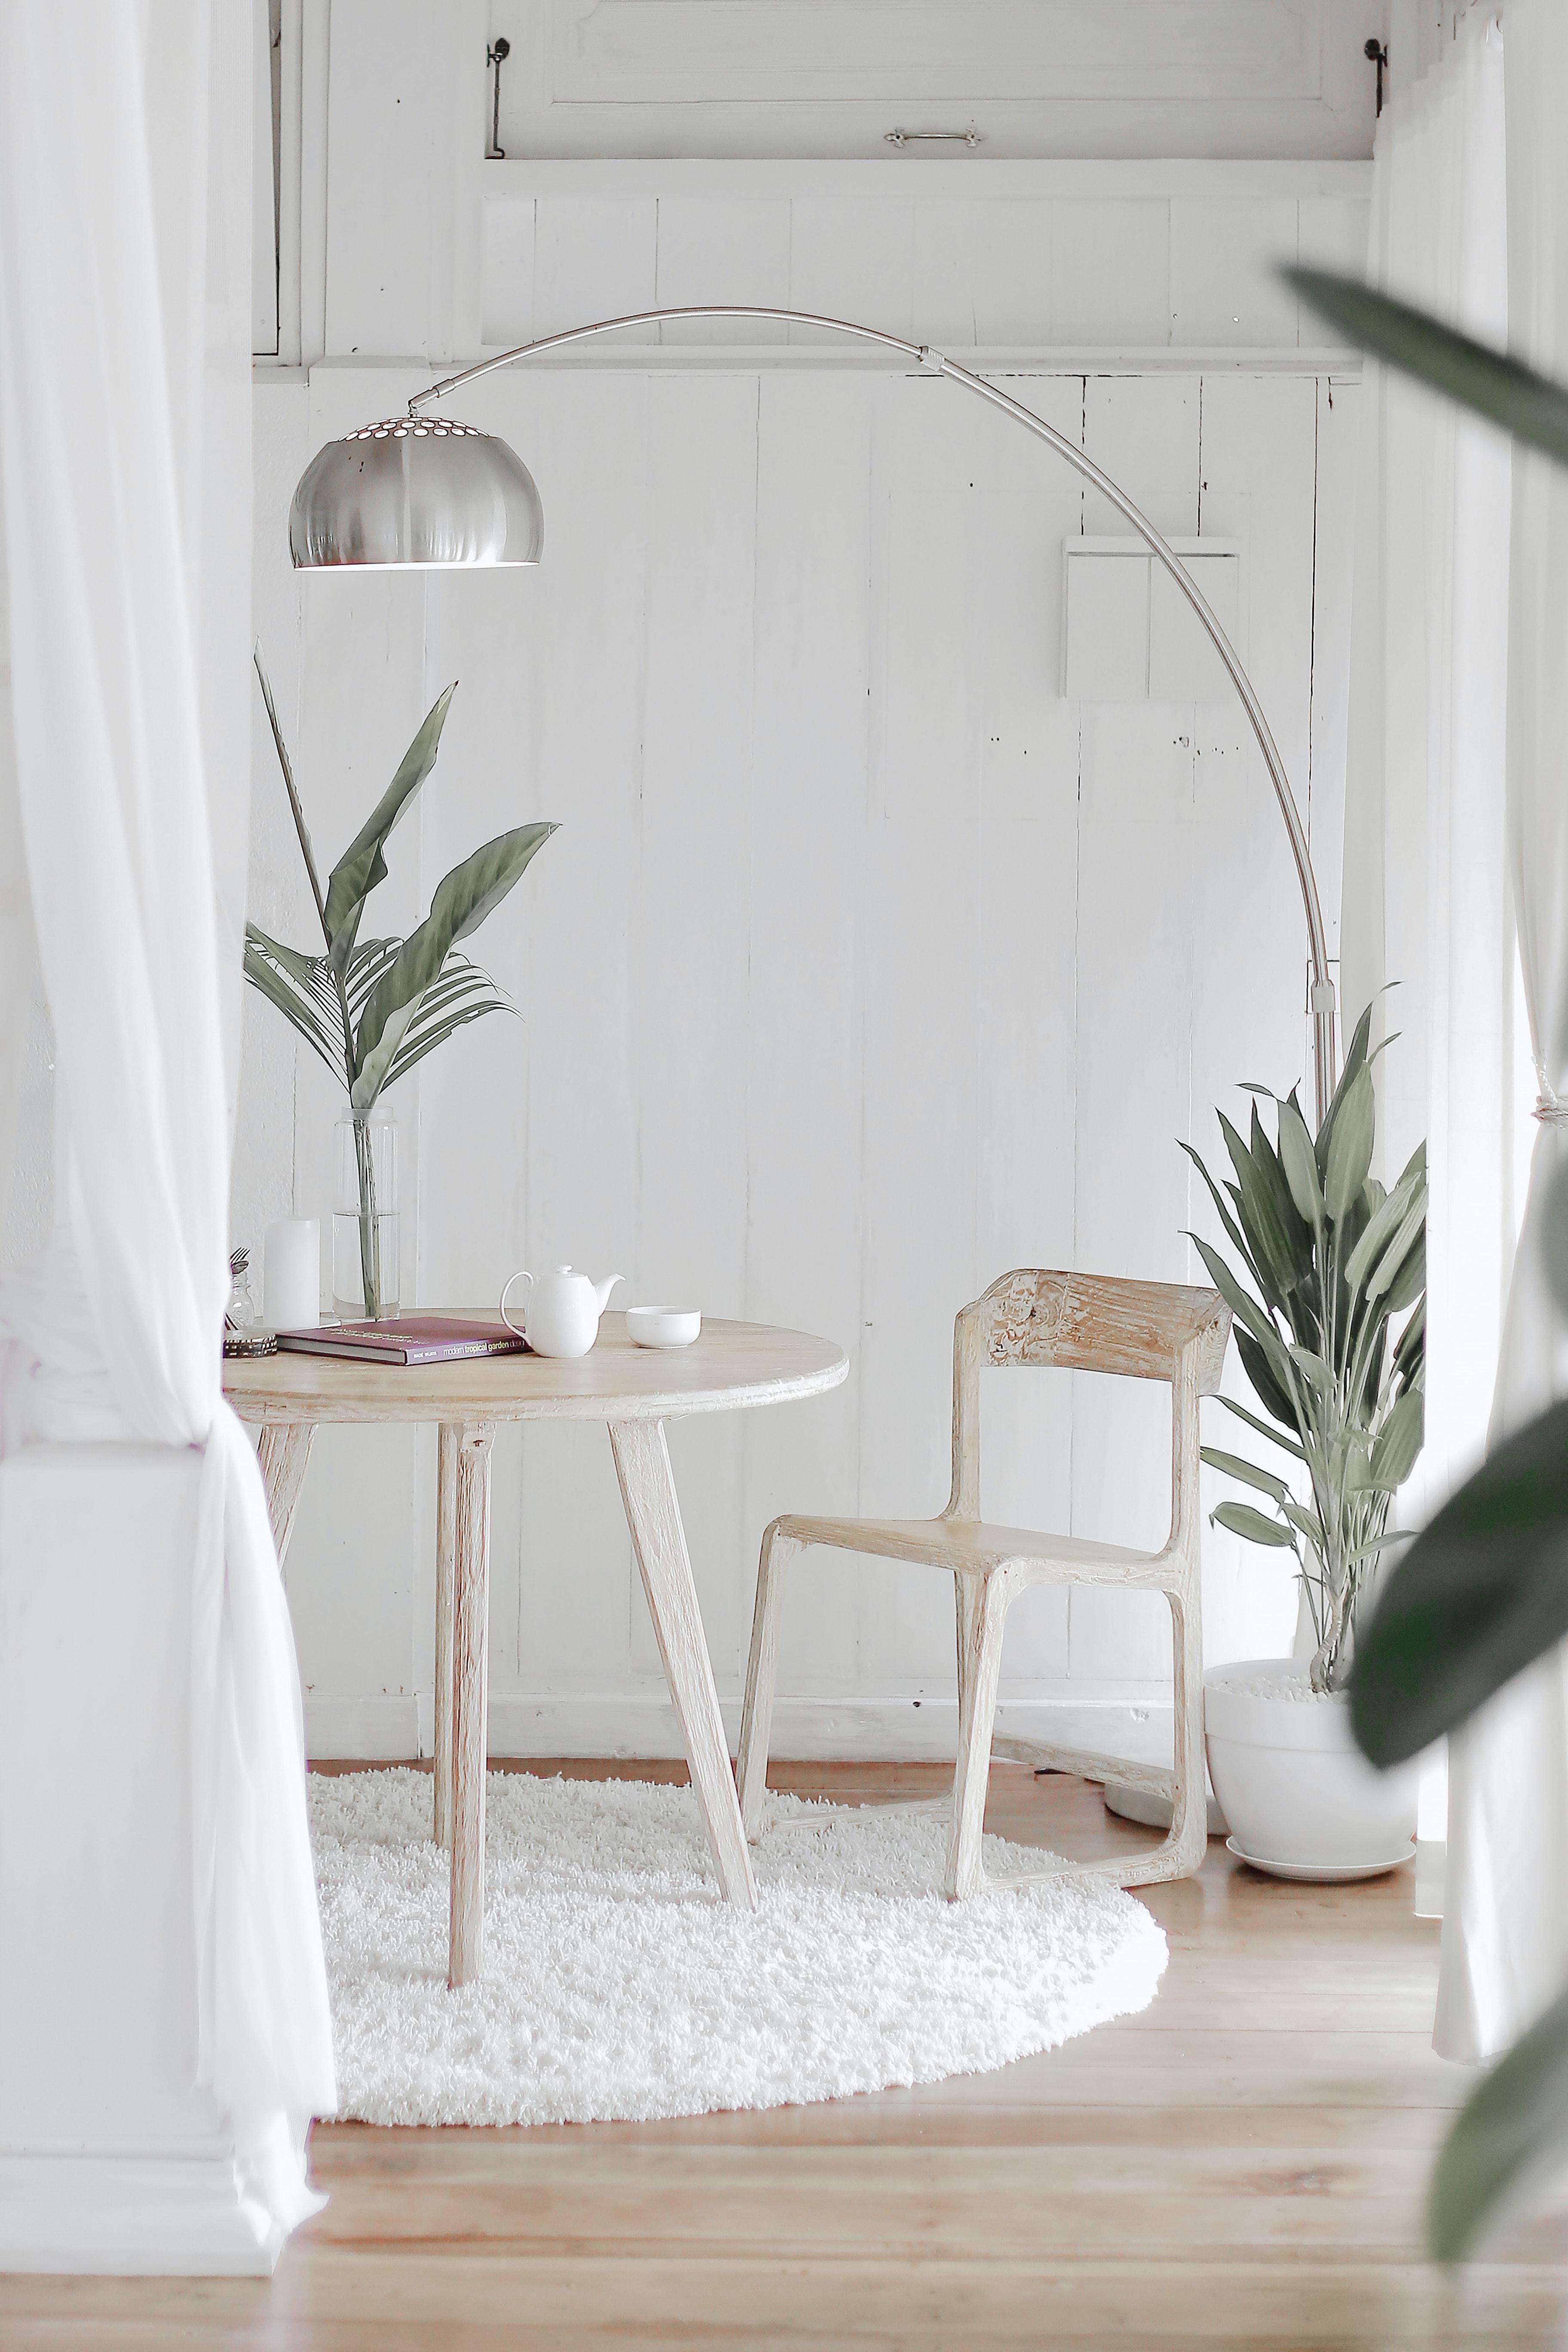 khử mùi trong nhà trồng cây phòng khách